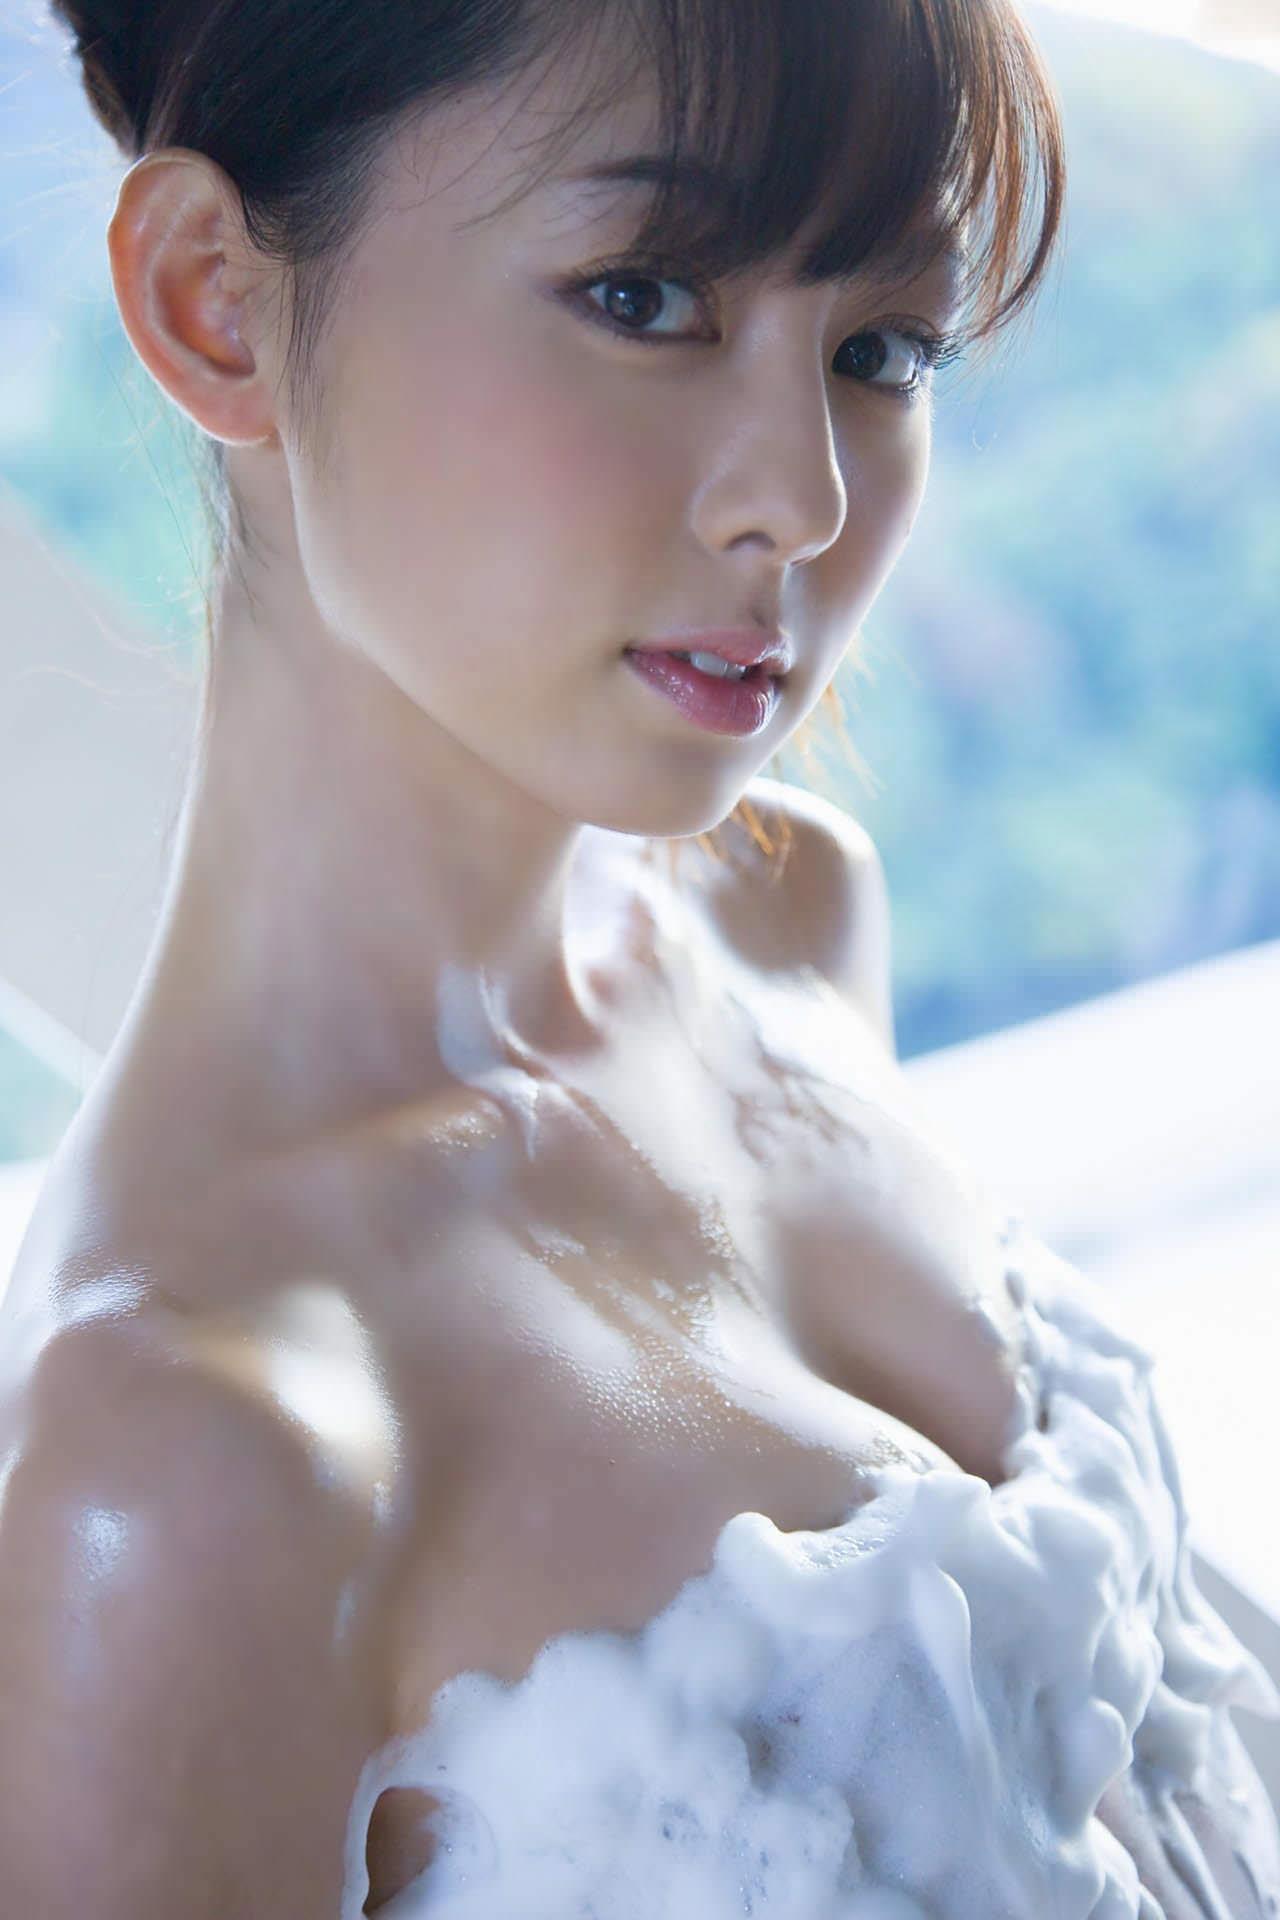 【おっぱい】邪魔だけど邪魔じゃない不思議な泡風呂と女体の相性www【28枚】 17